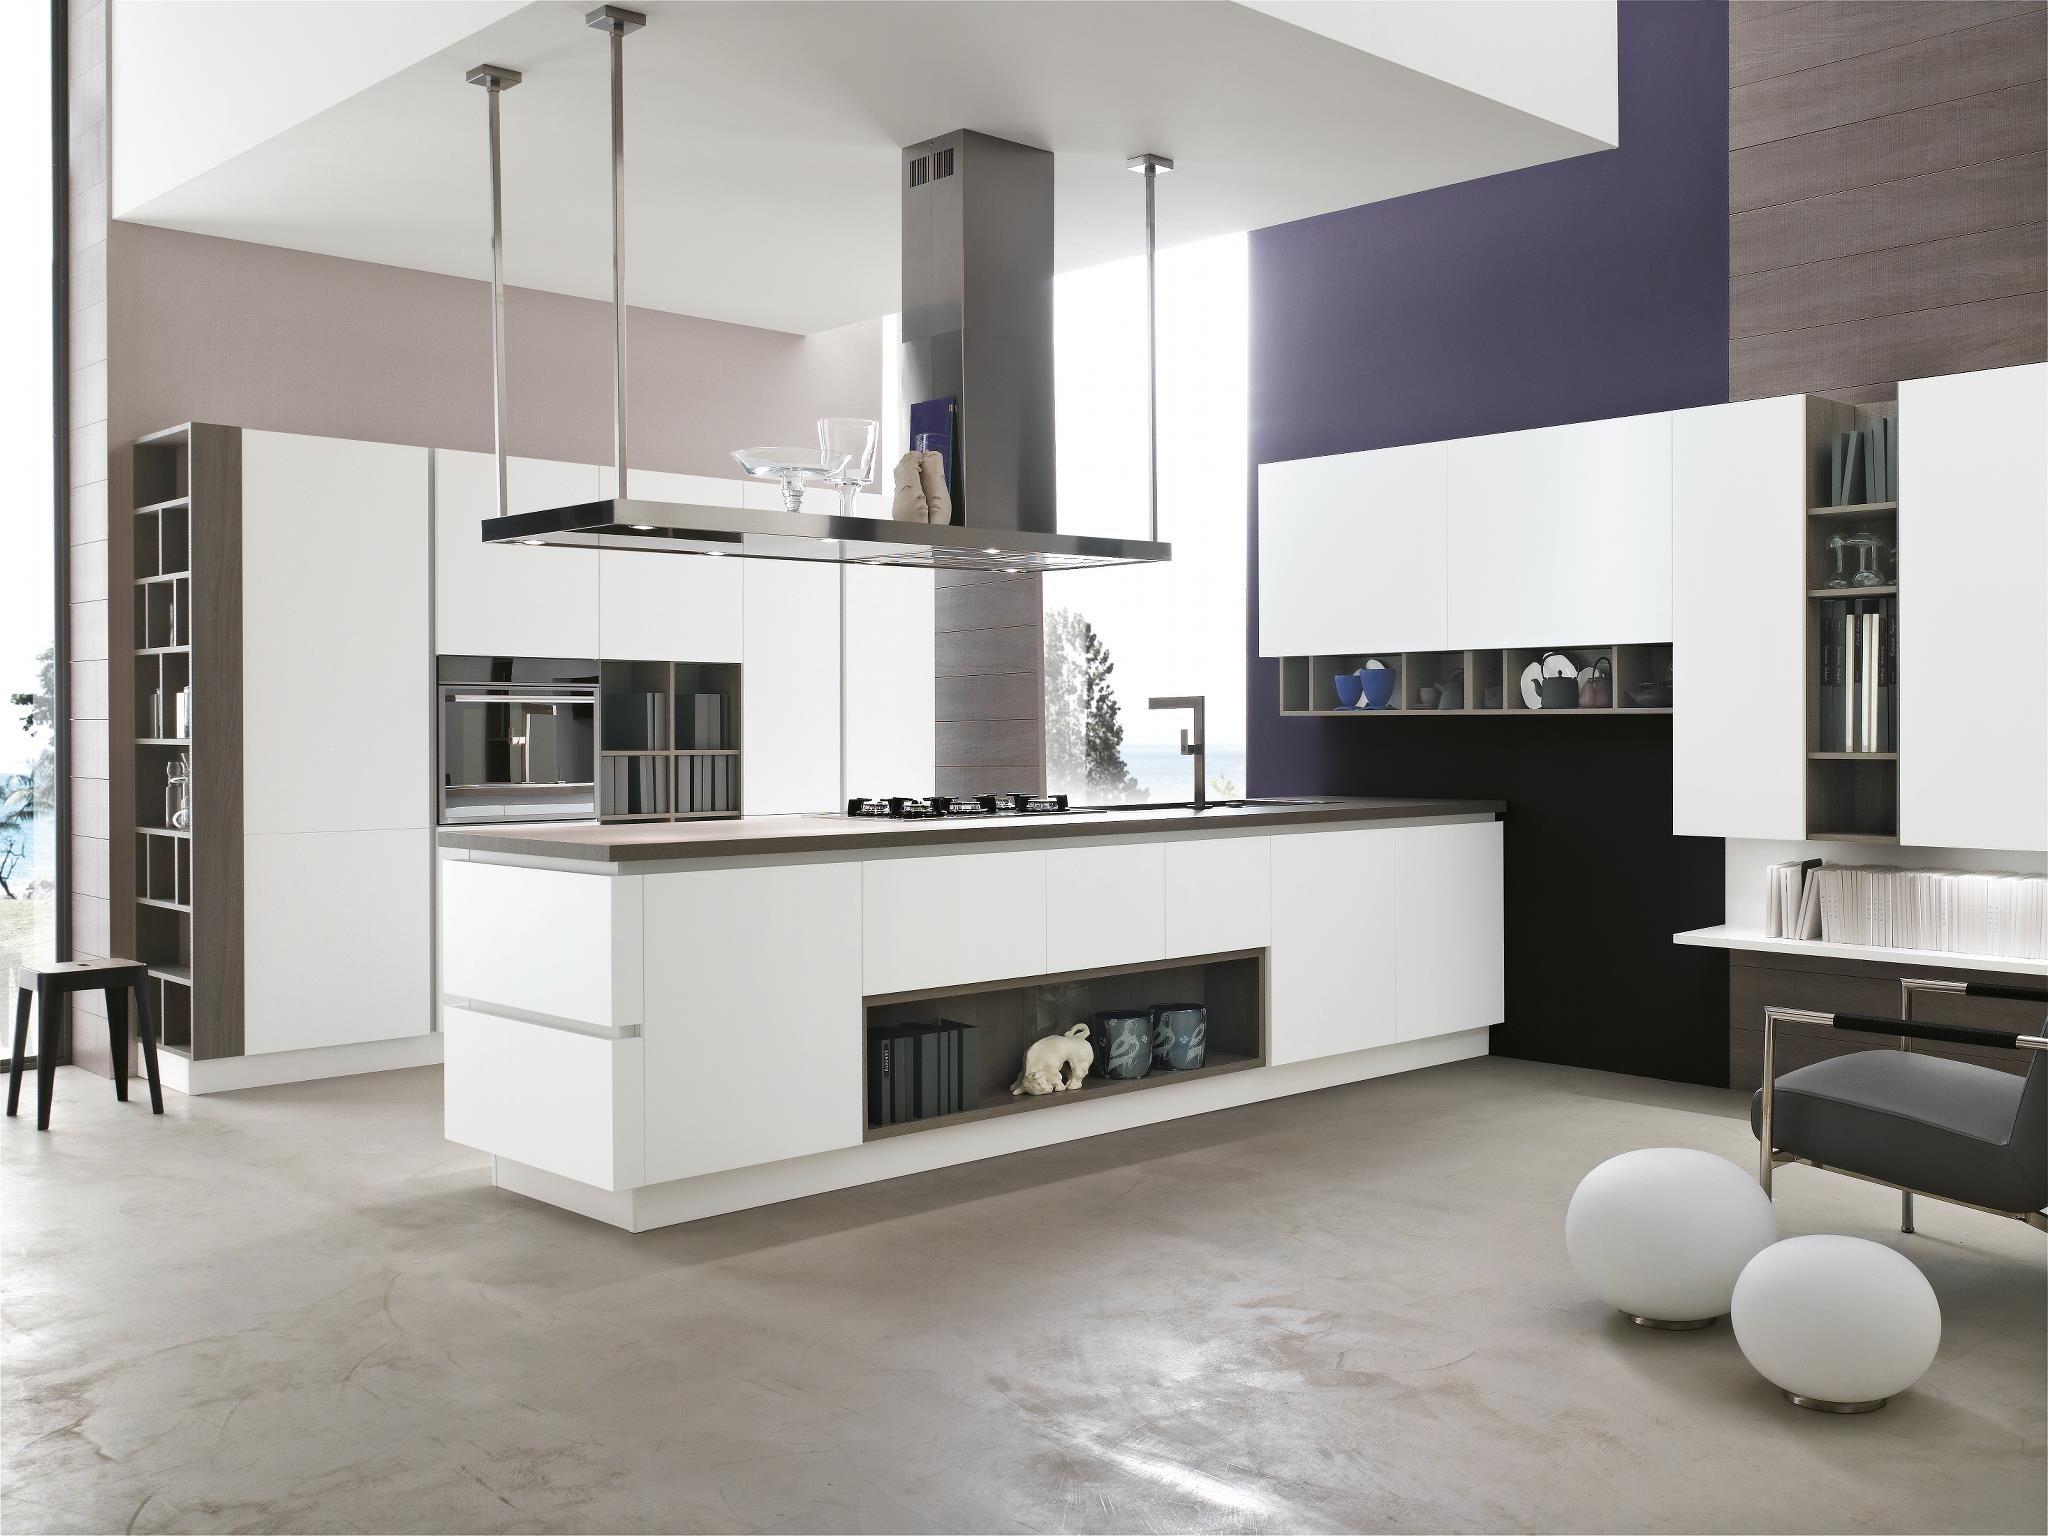 cucine-piccole-con-isola-tavoli-estraibili-per-cucine-tavolo-with ...